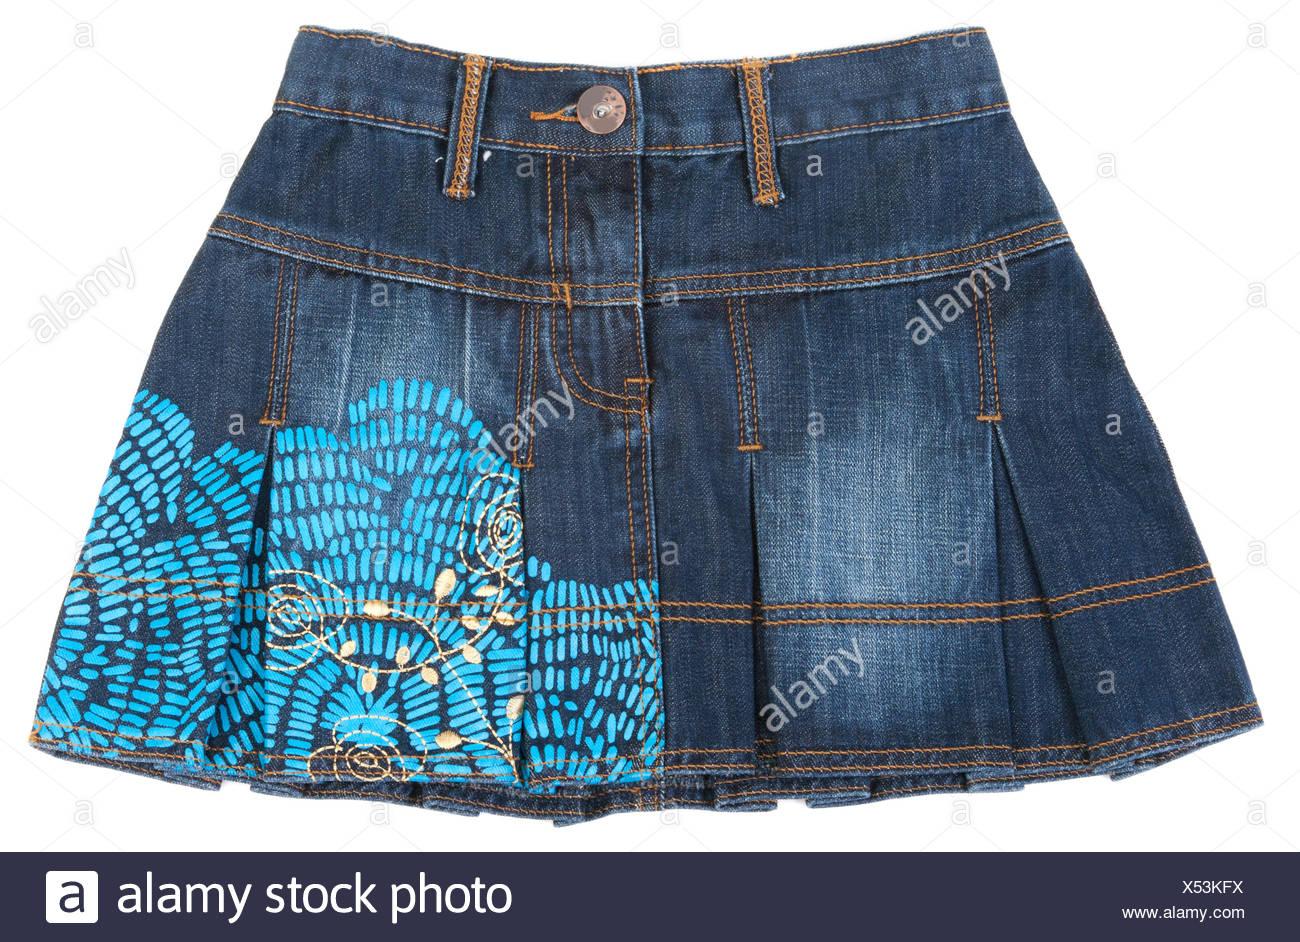 Jeans Minirock isoliert Stockbild